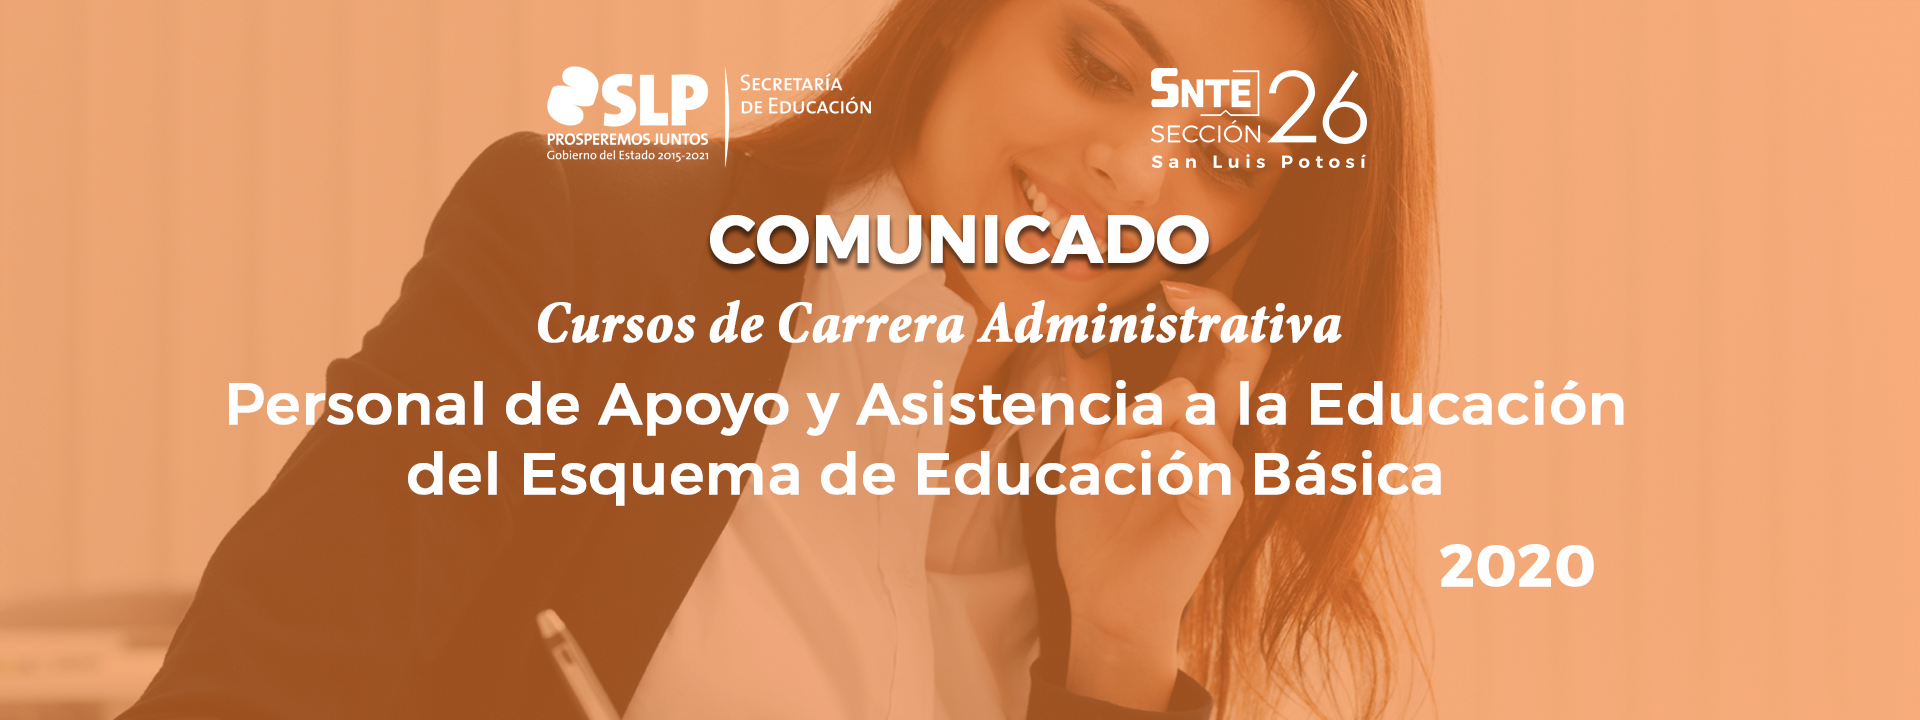 Comunicado: Cursos de Carrera Administrativa para PAAE